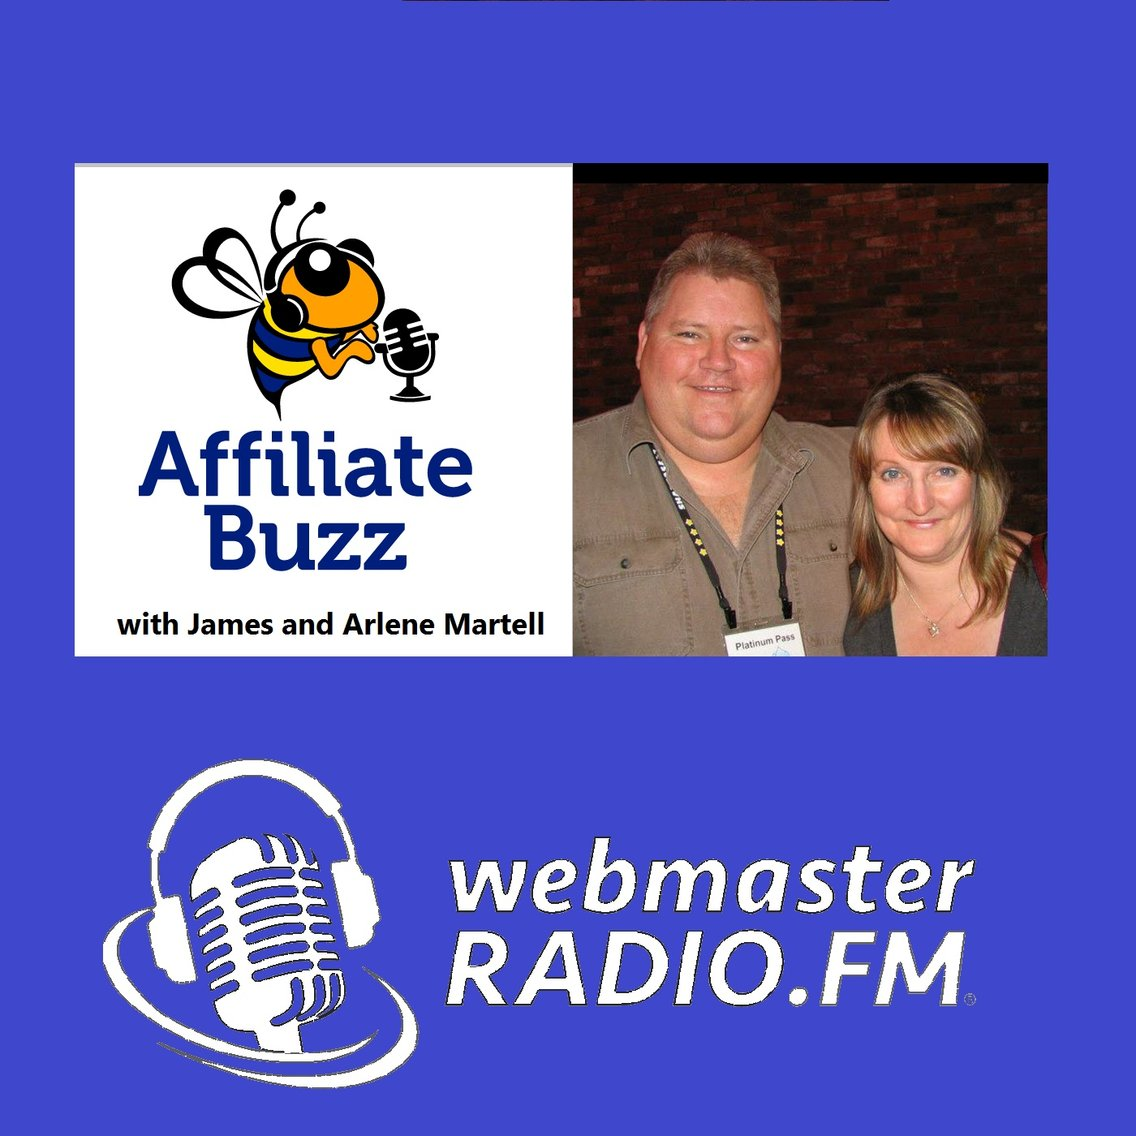 Affiliate Marketing Podcast - imagen de portada